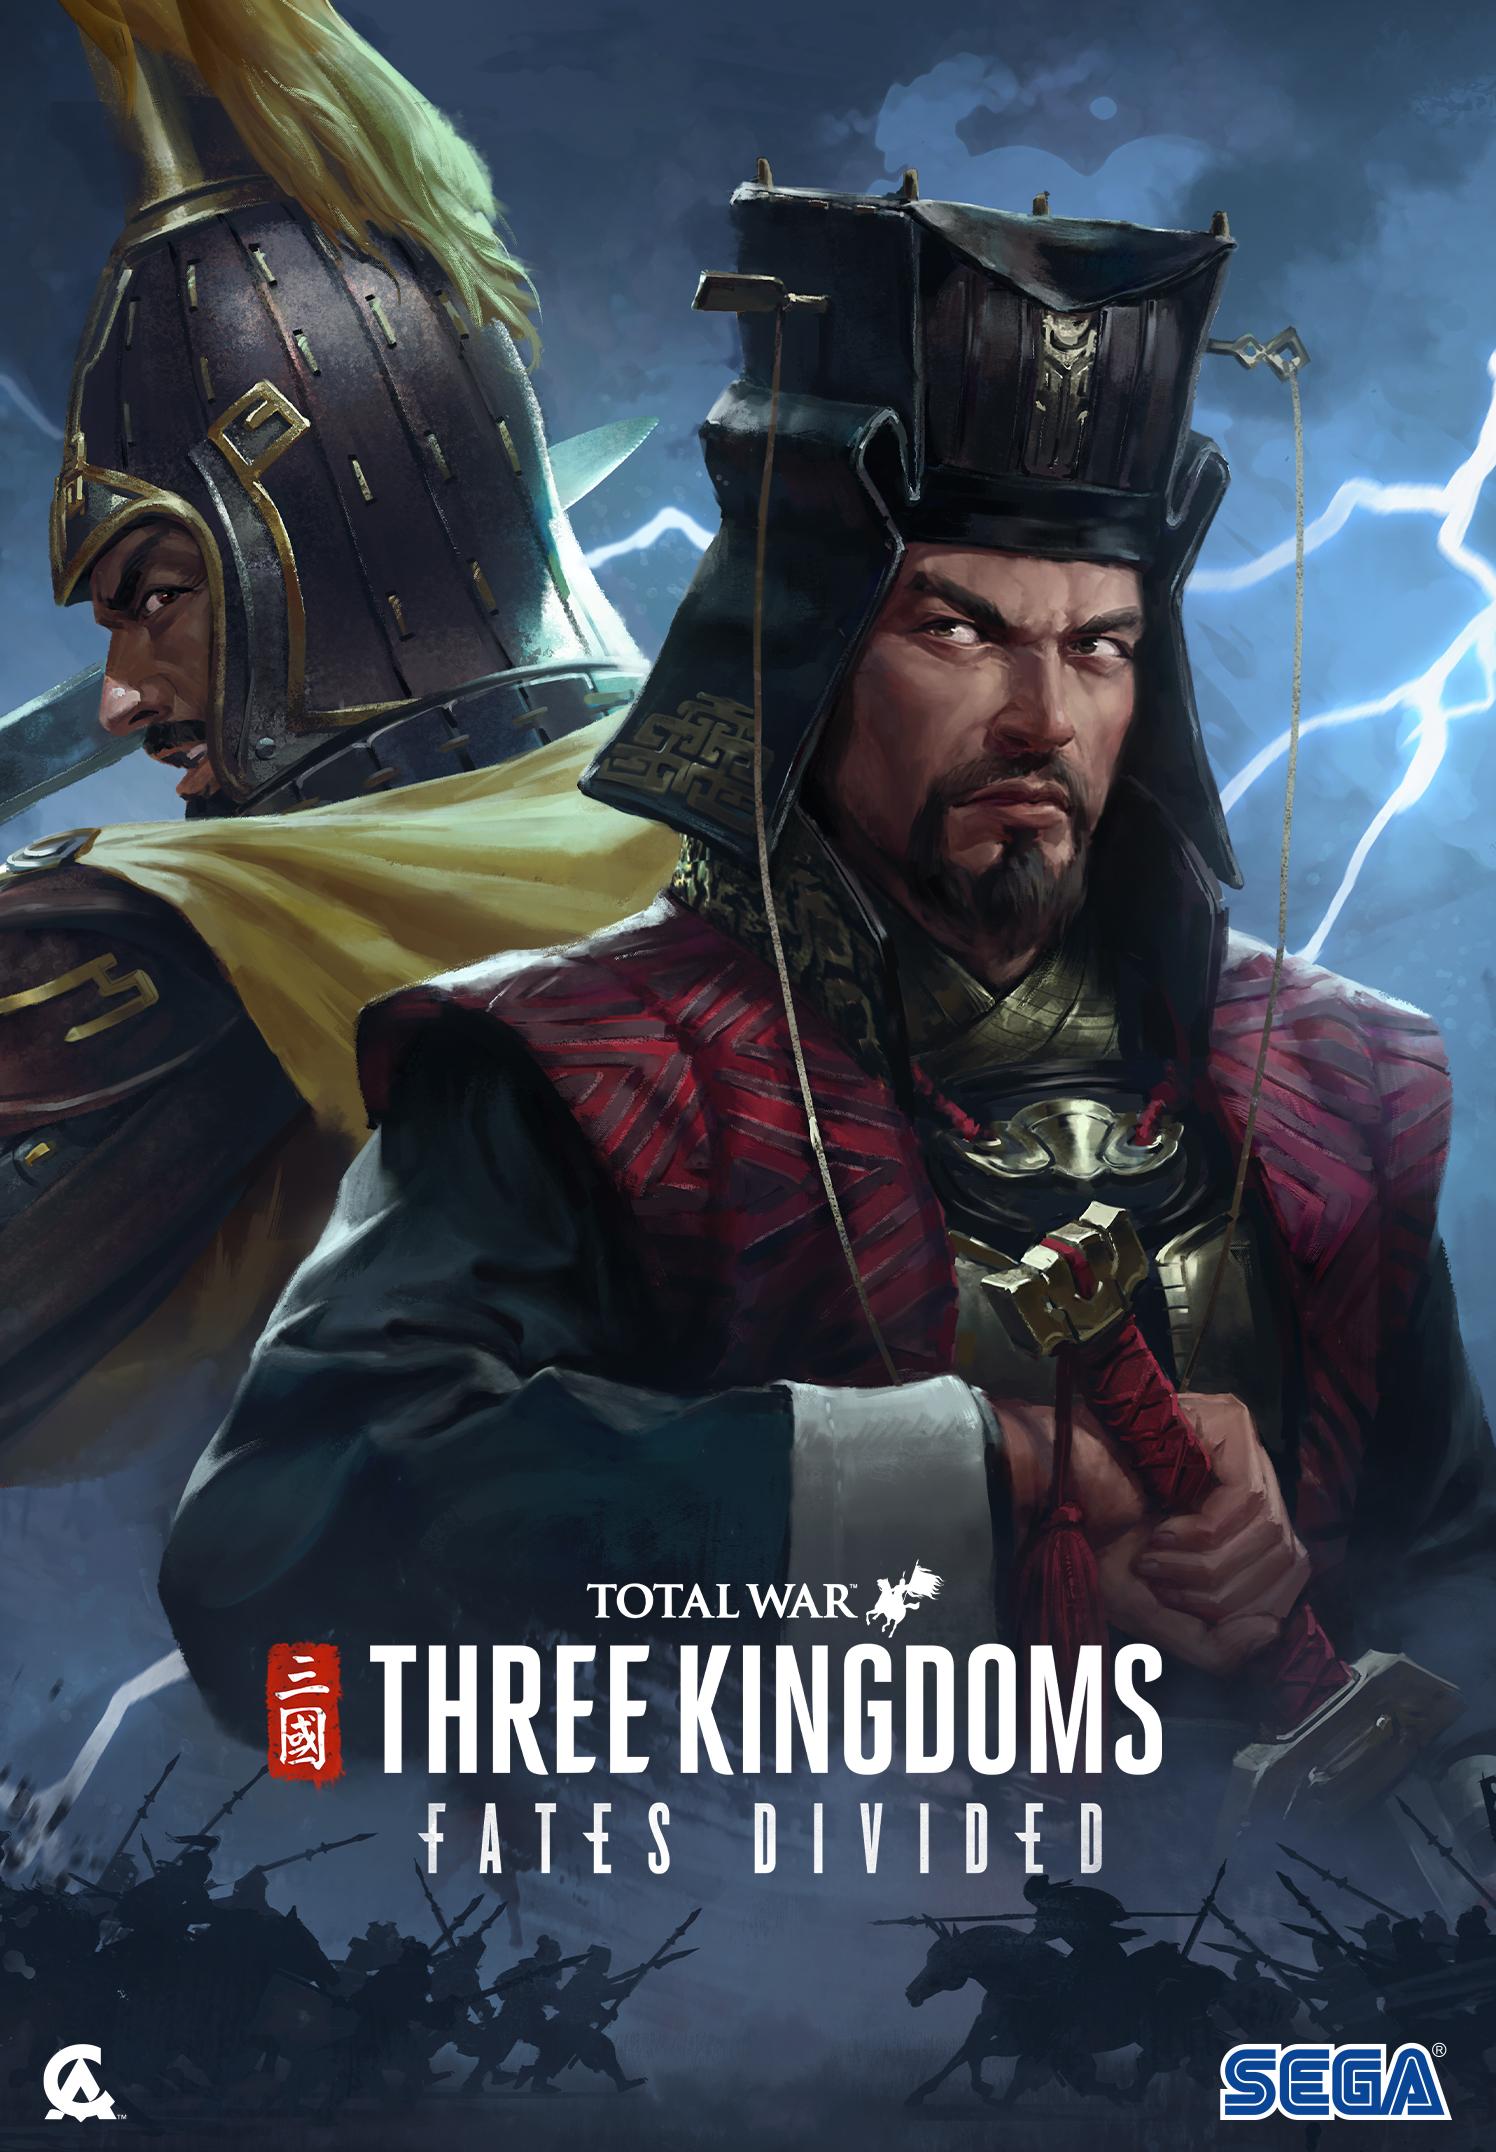 Total War: THREE KINGDOMS - Fates Divided (PC) Klíč Steam